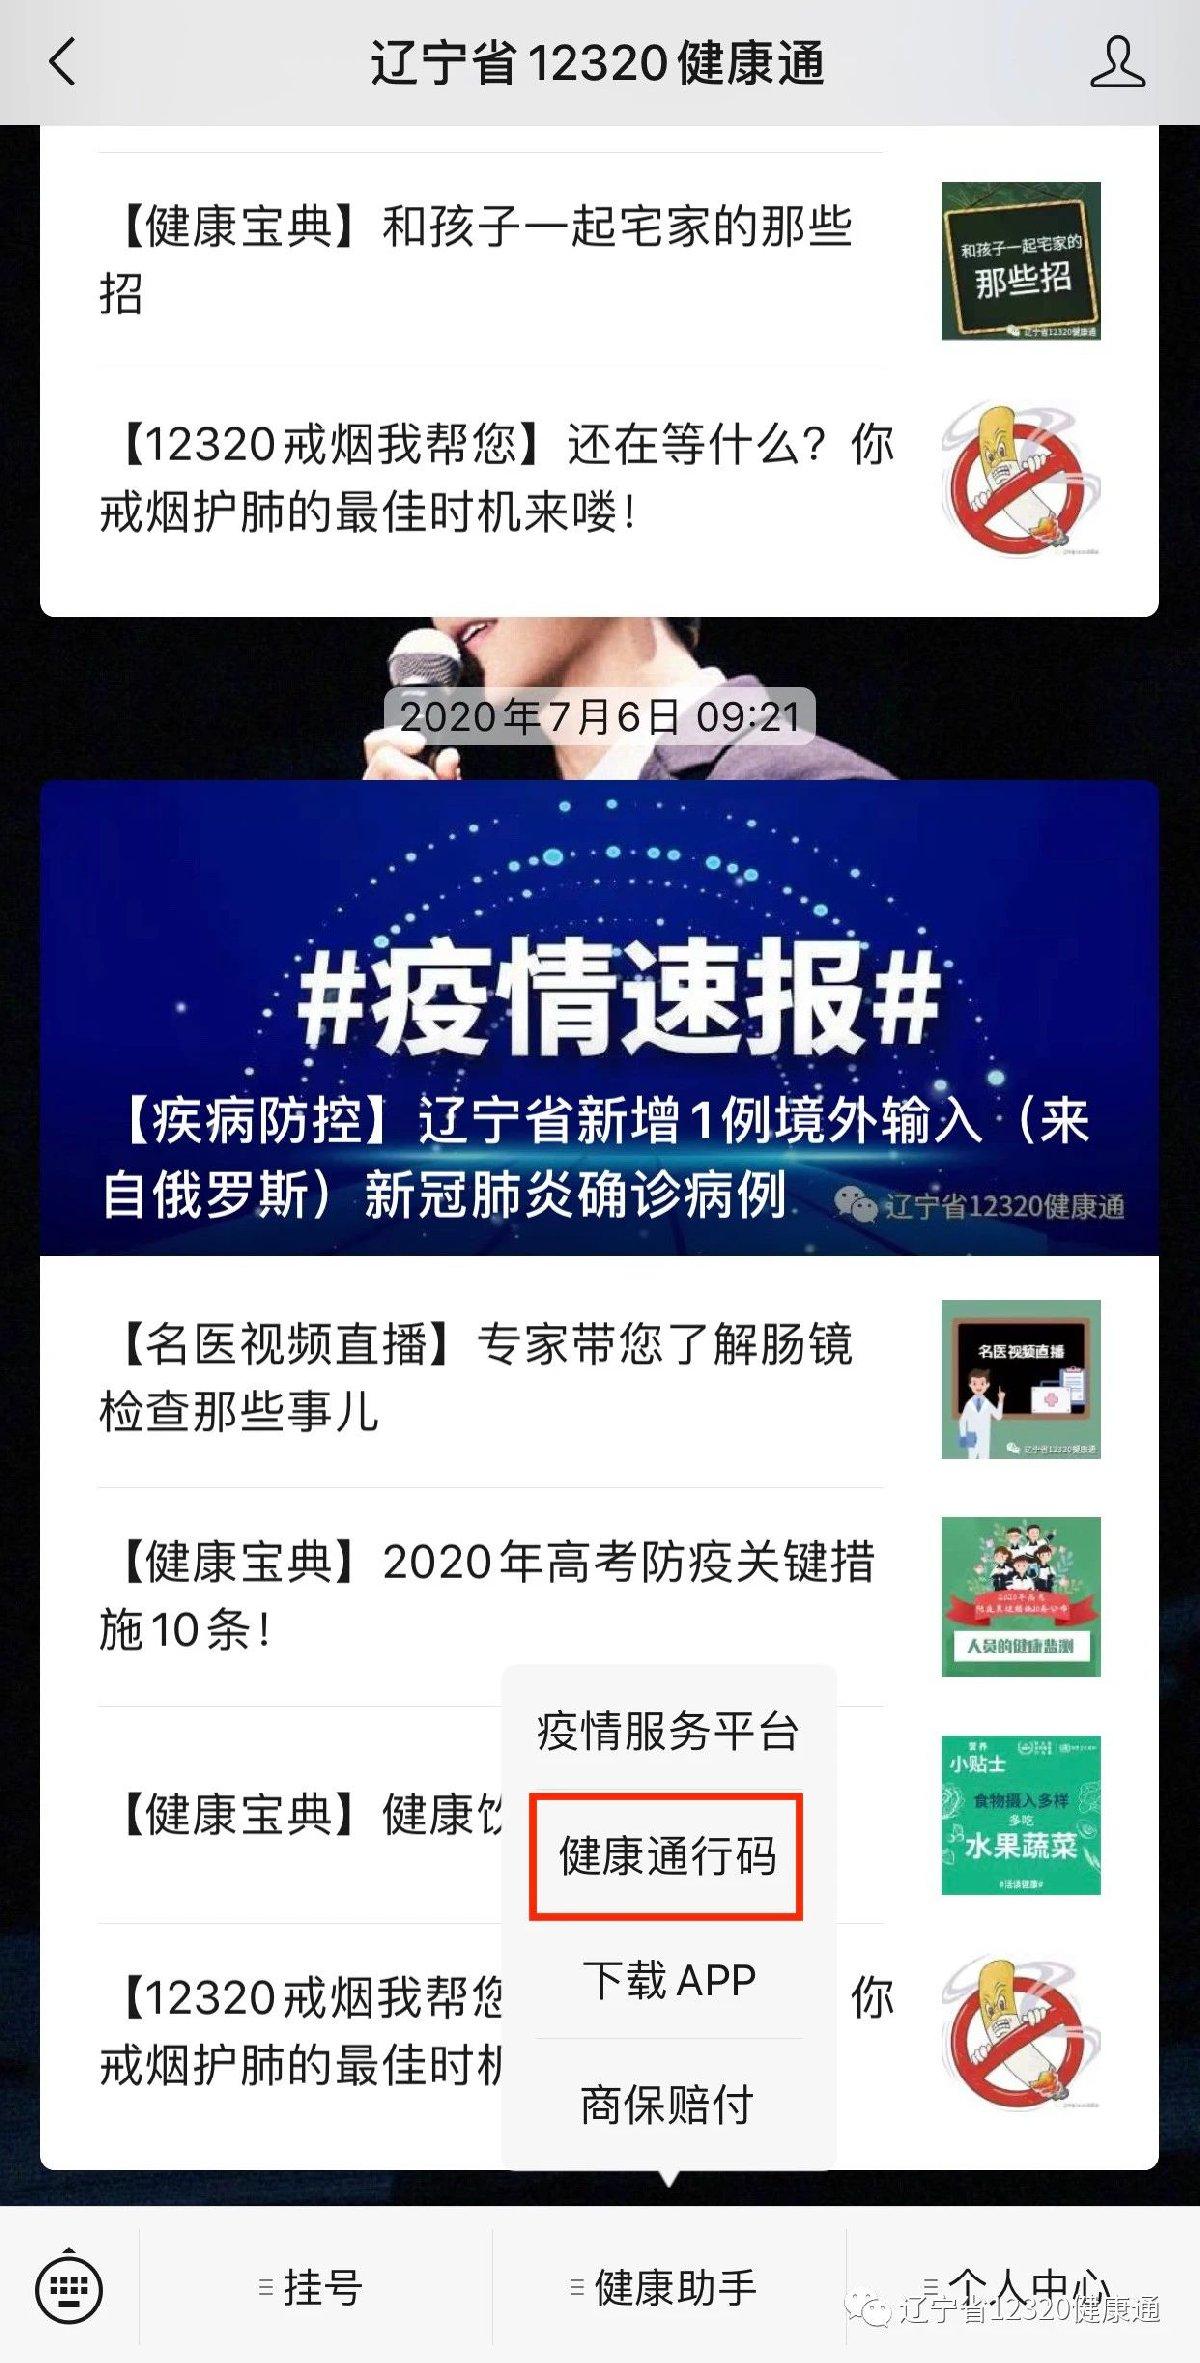 辽事通健康通行码如何在辽宁省12320健康通公众号出示